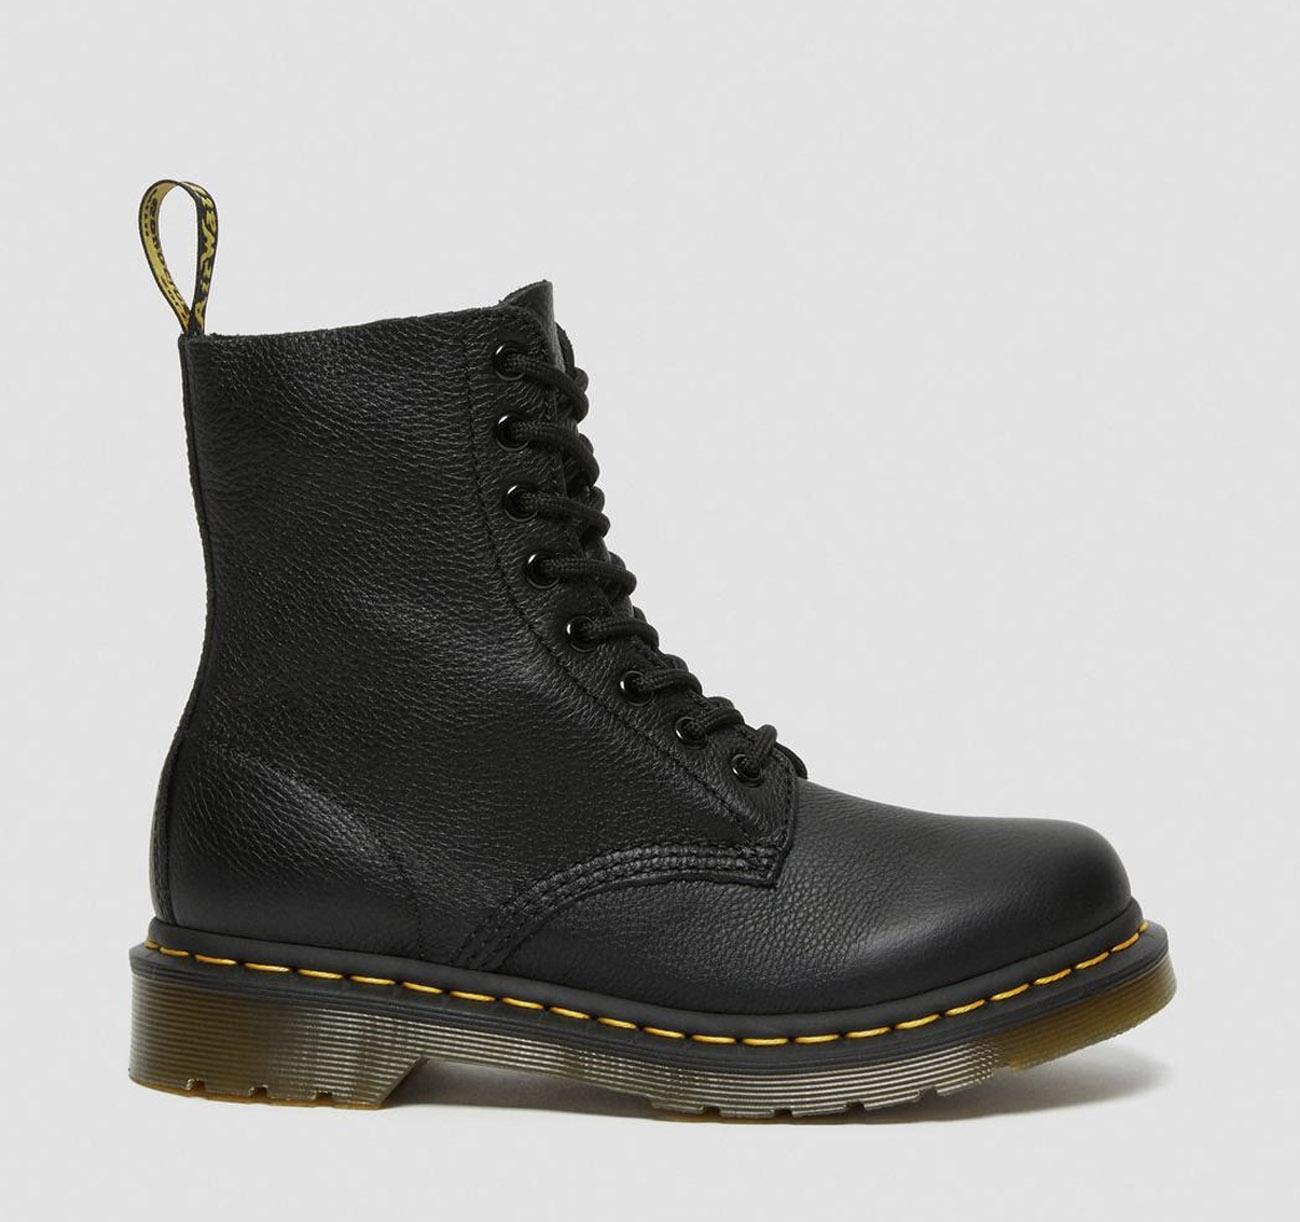 doc marten wedding boot